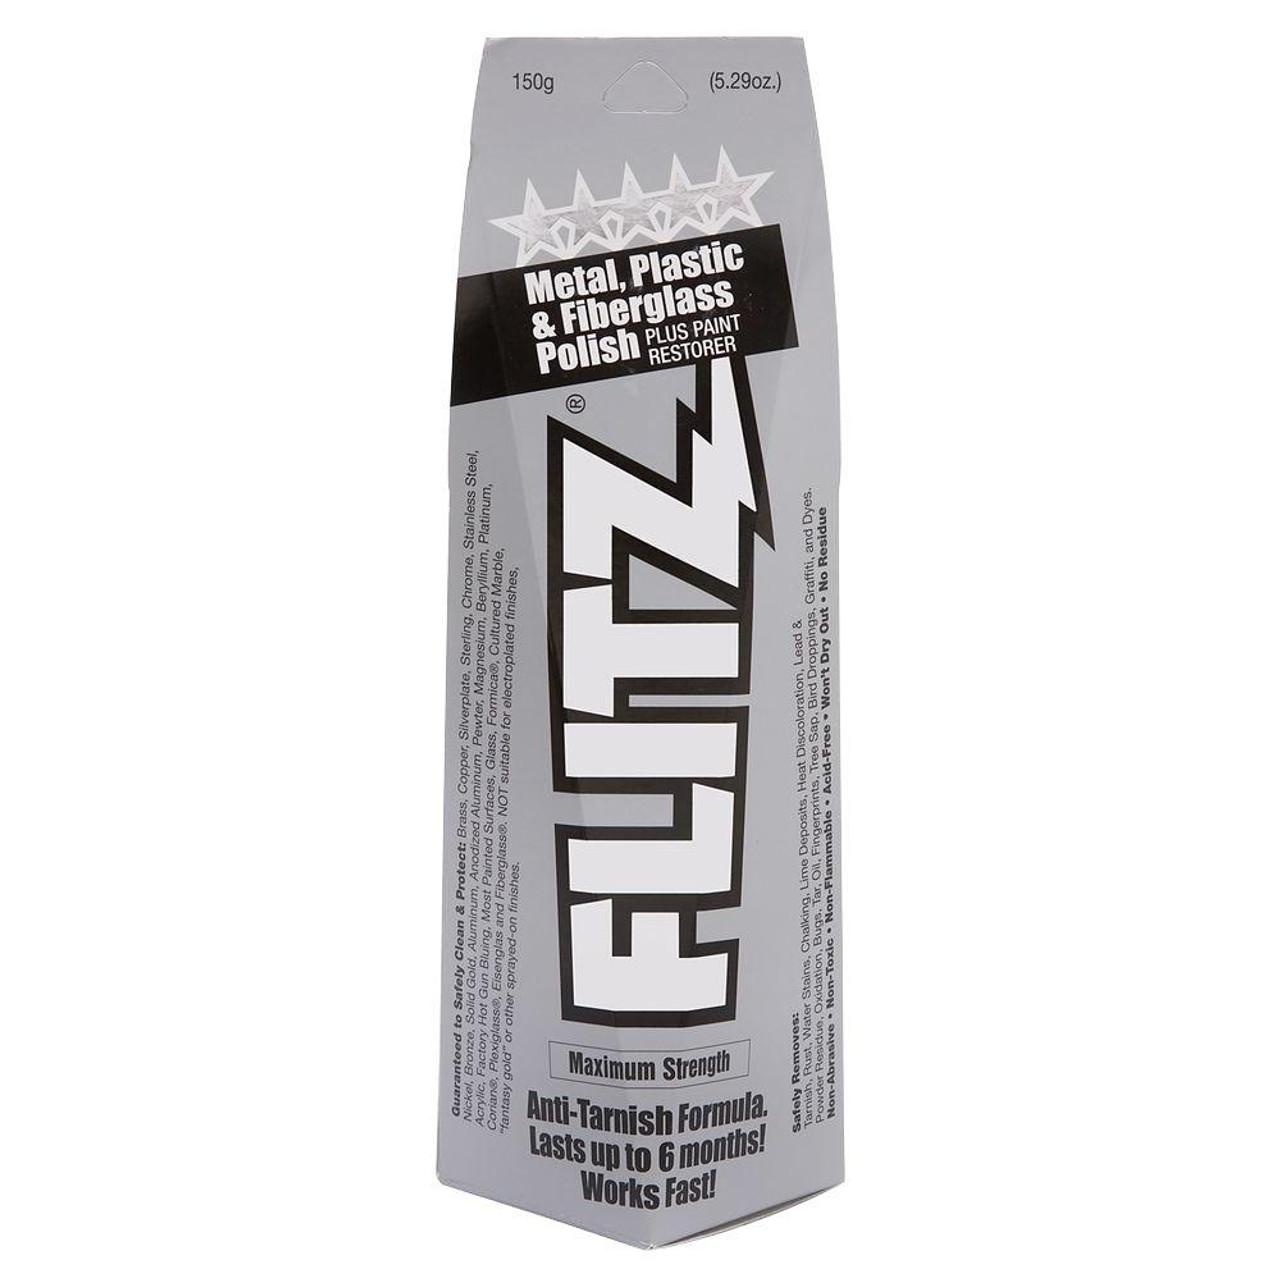 Flitz Paste Polish (Multiple Sizes Available)